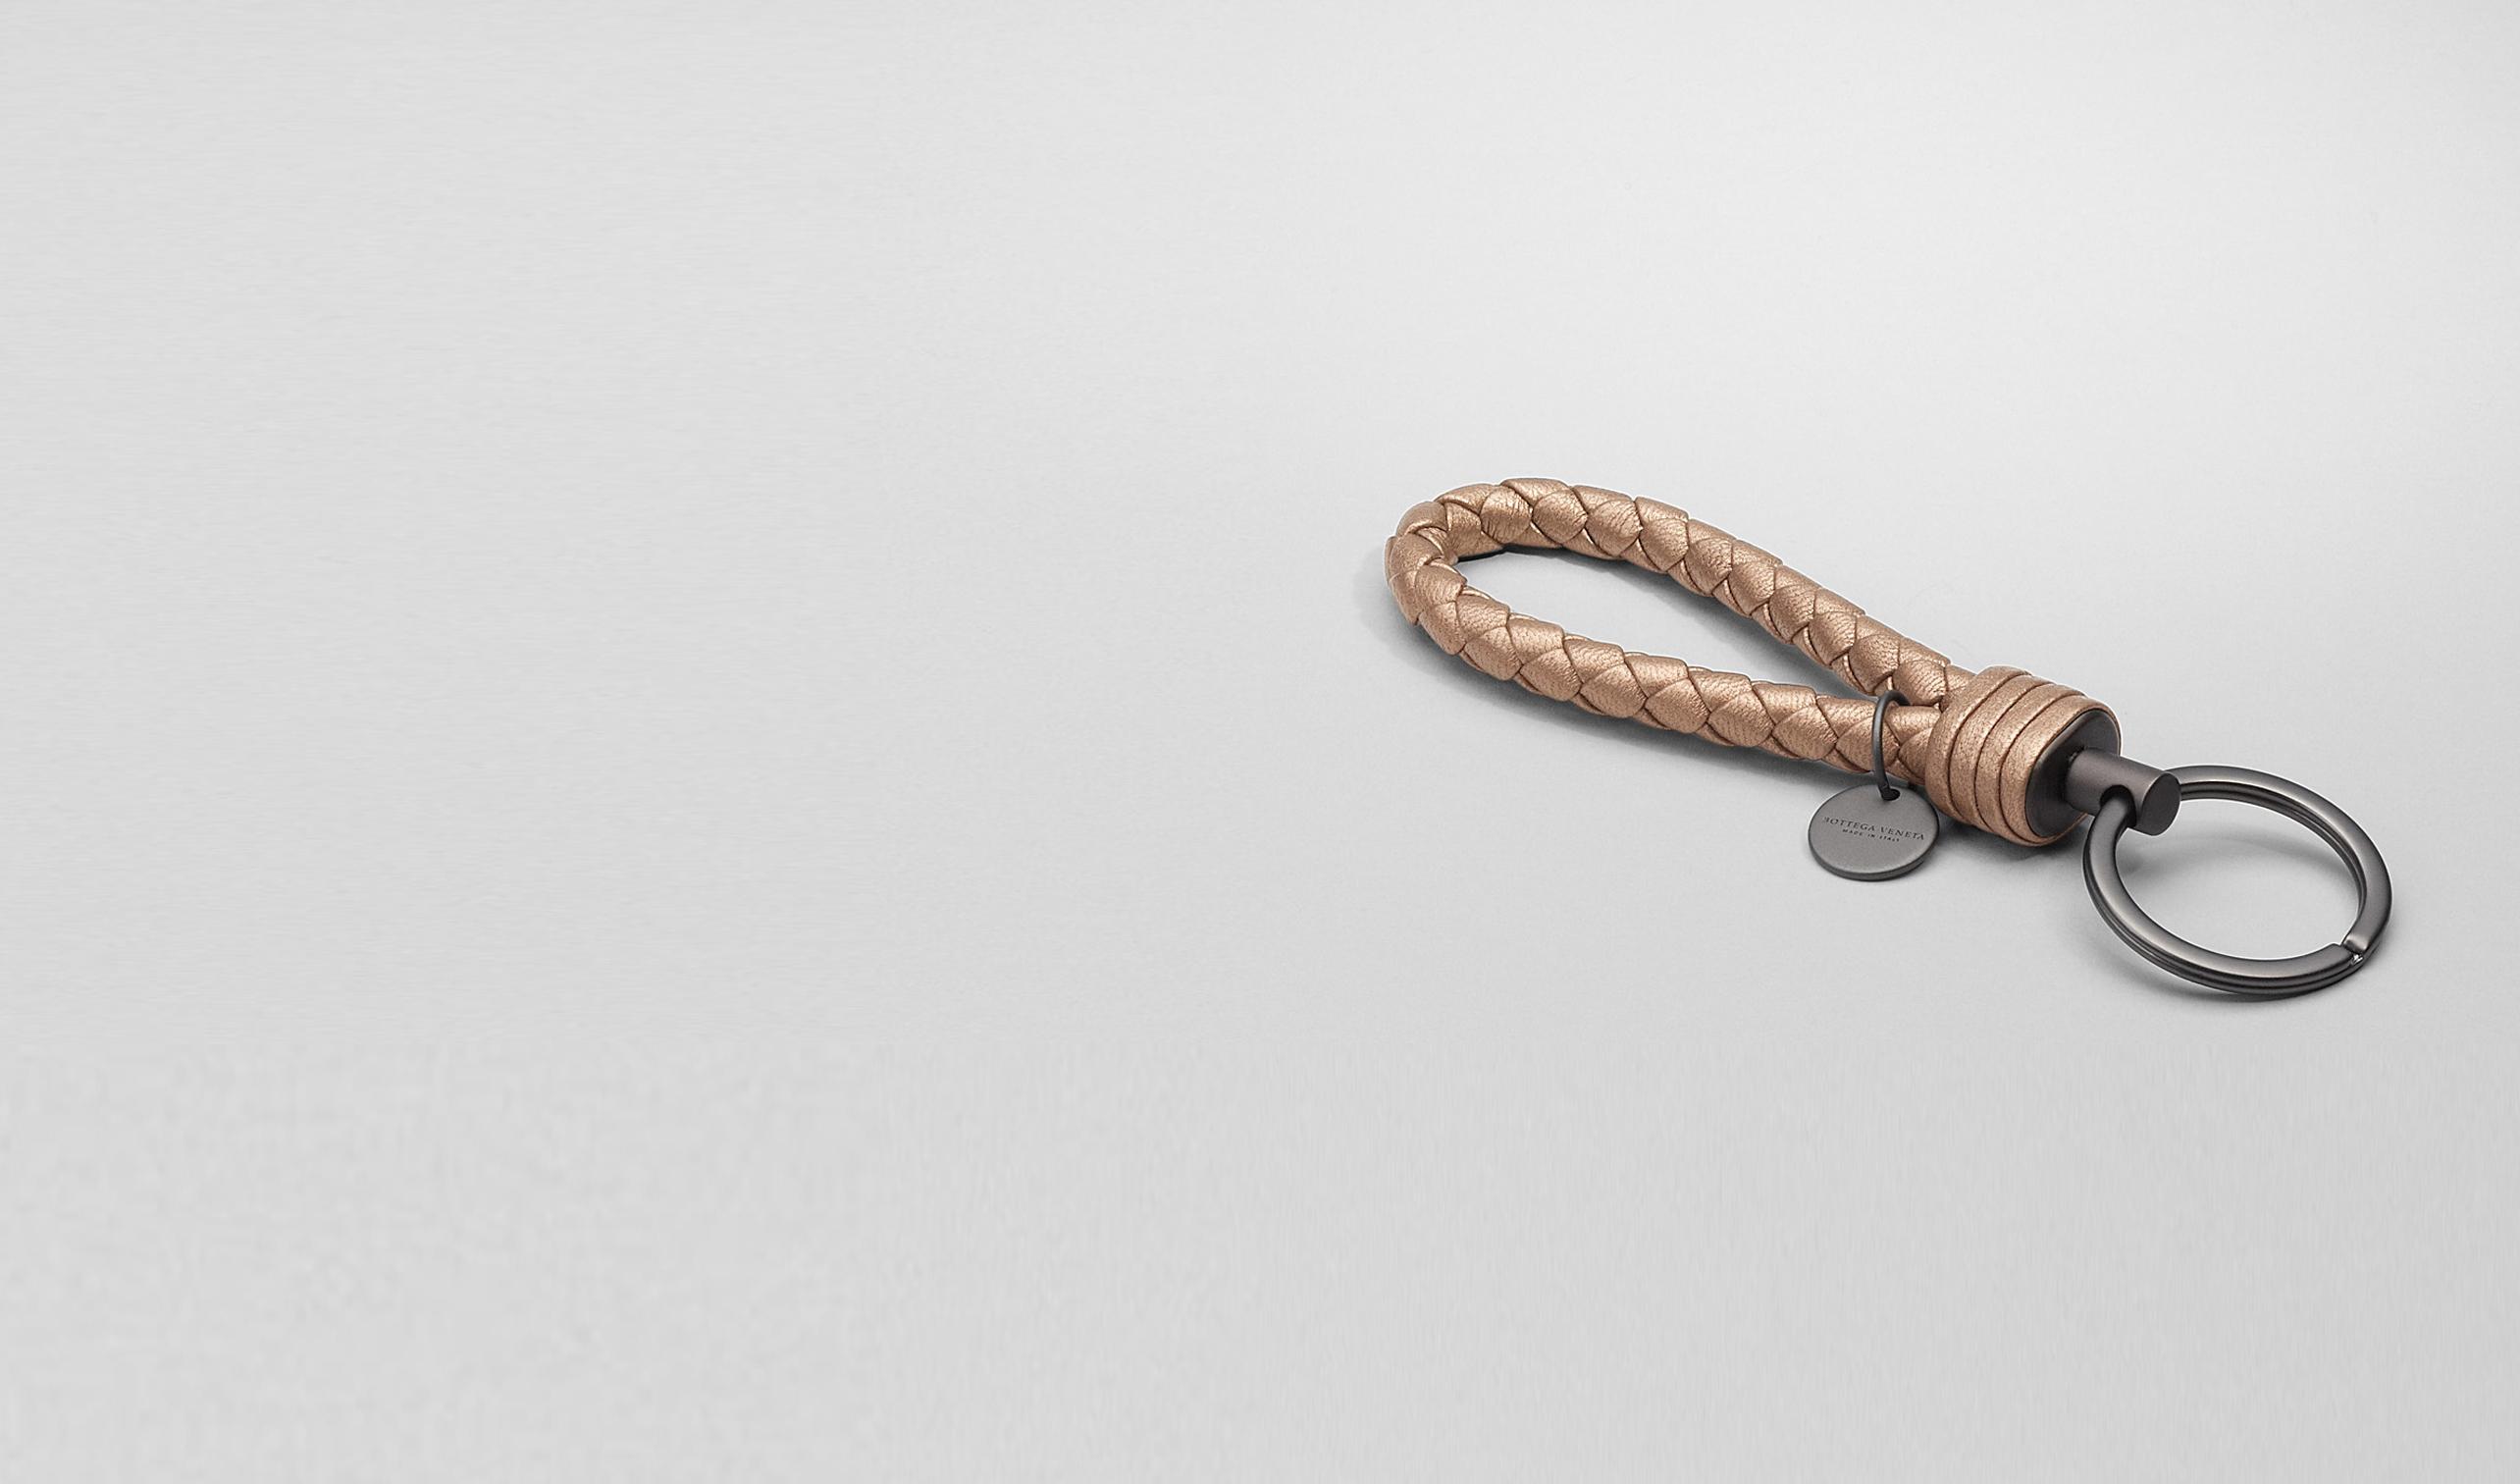 BOTTEGA VENETA Keyring or Bracelets D RAME MET INTRECCIATO NAPPA METALLIZZATO Key Ring pl